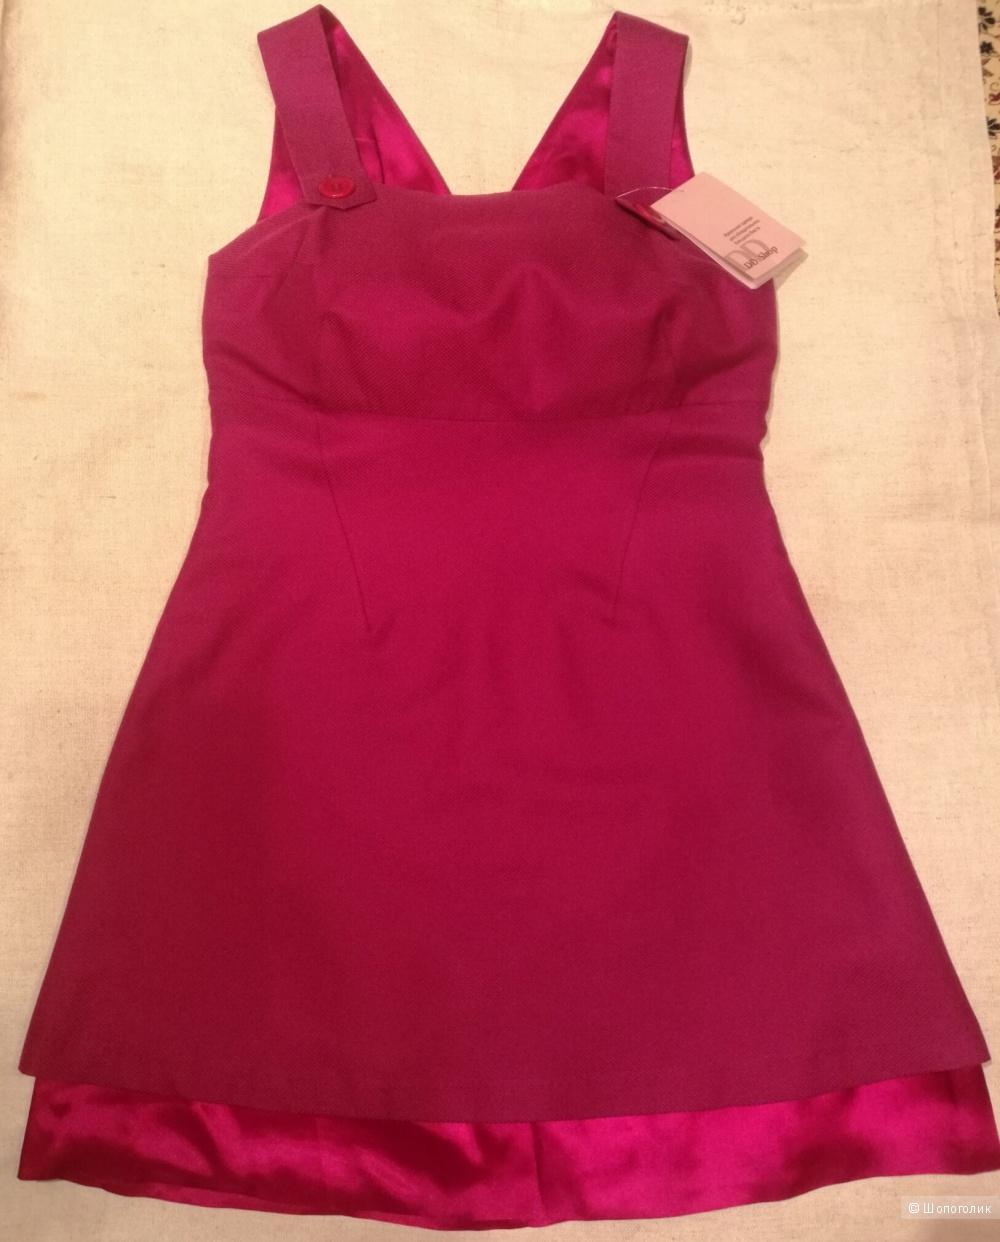 Платье-сарафан DDshop на пышный бюст (75Д/Е-80С)